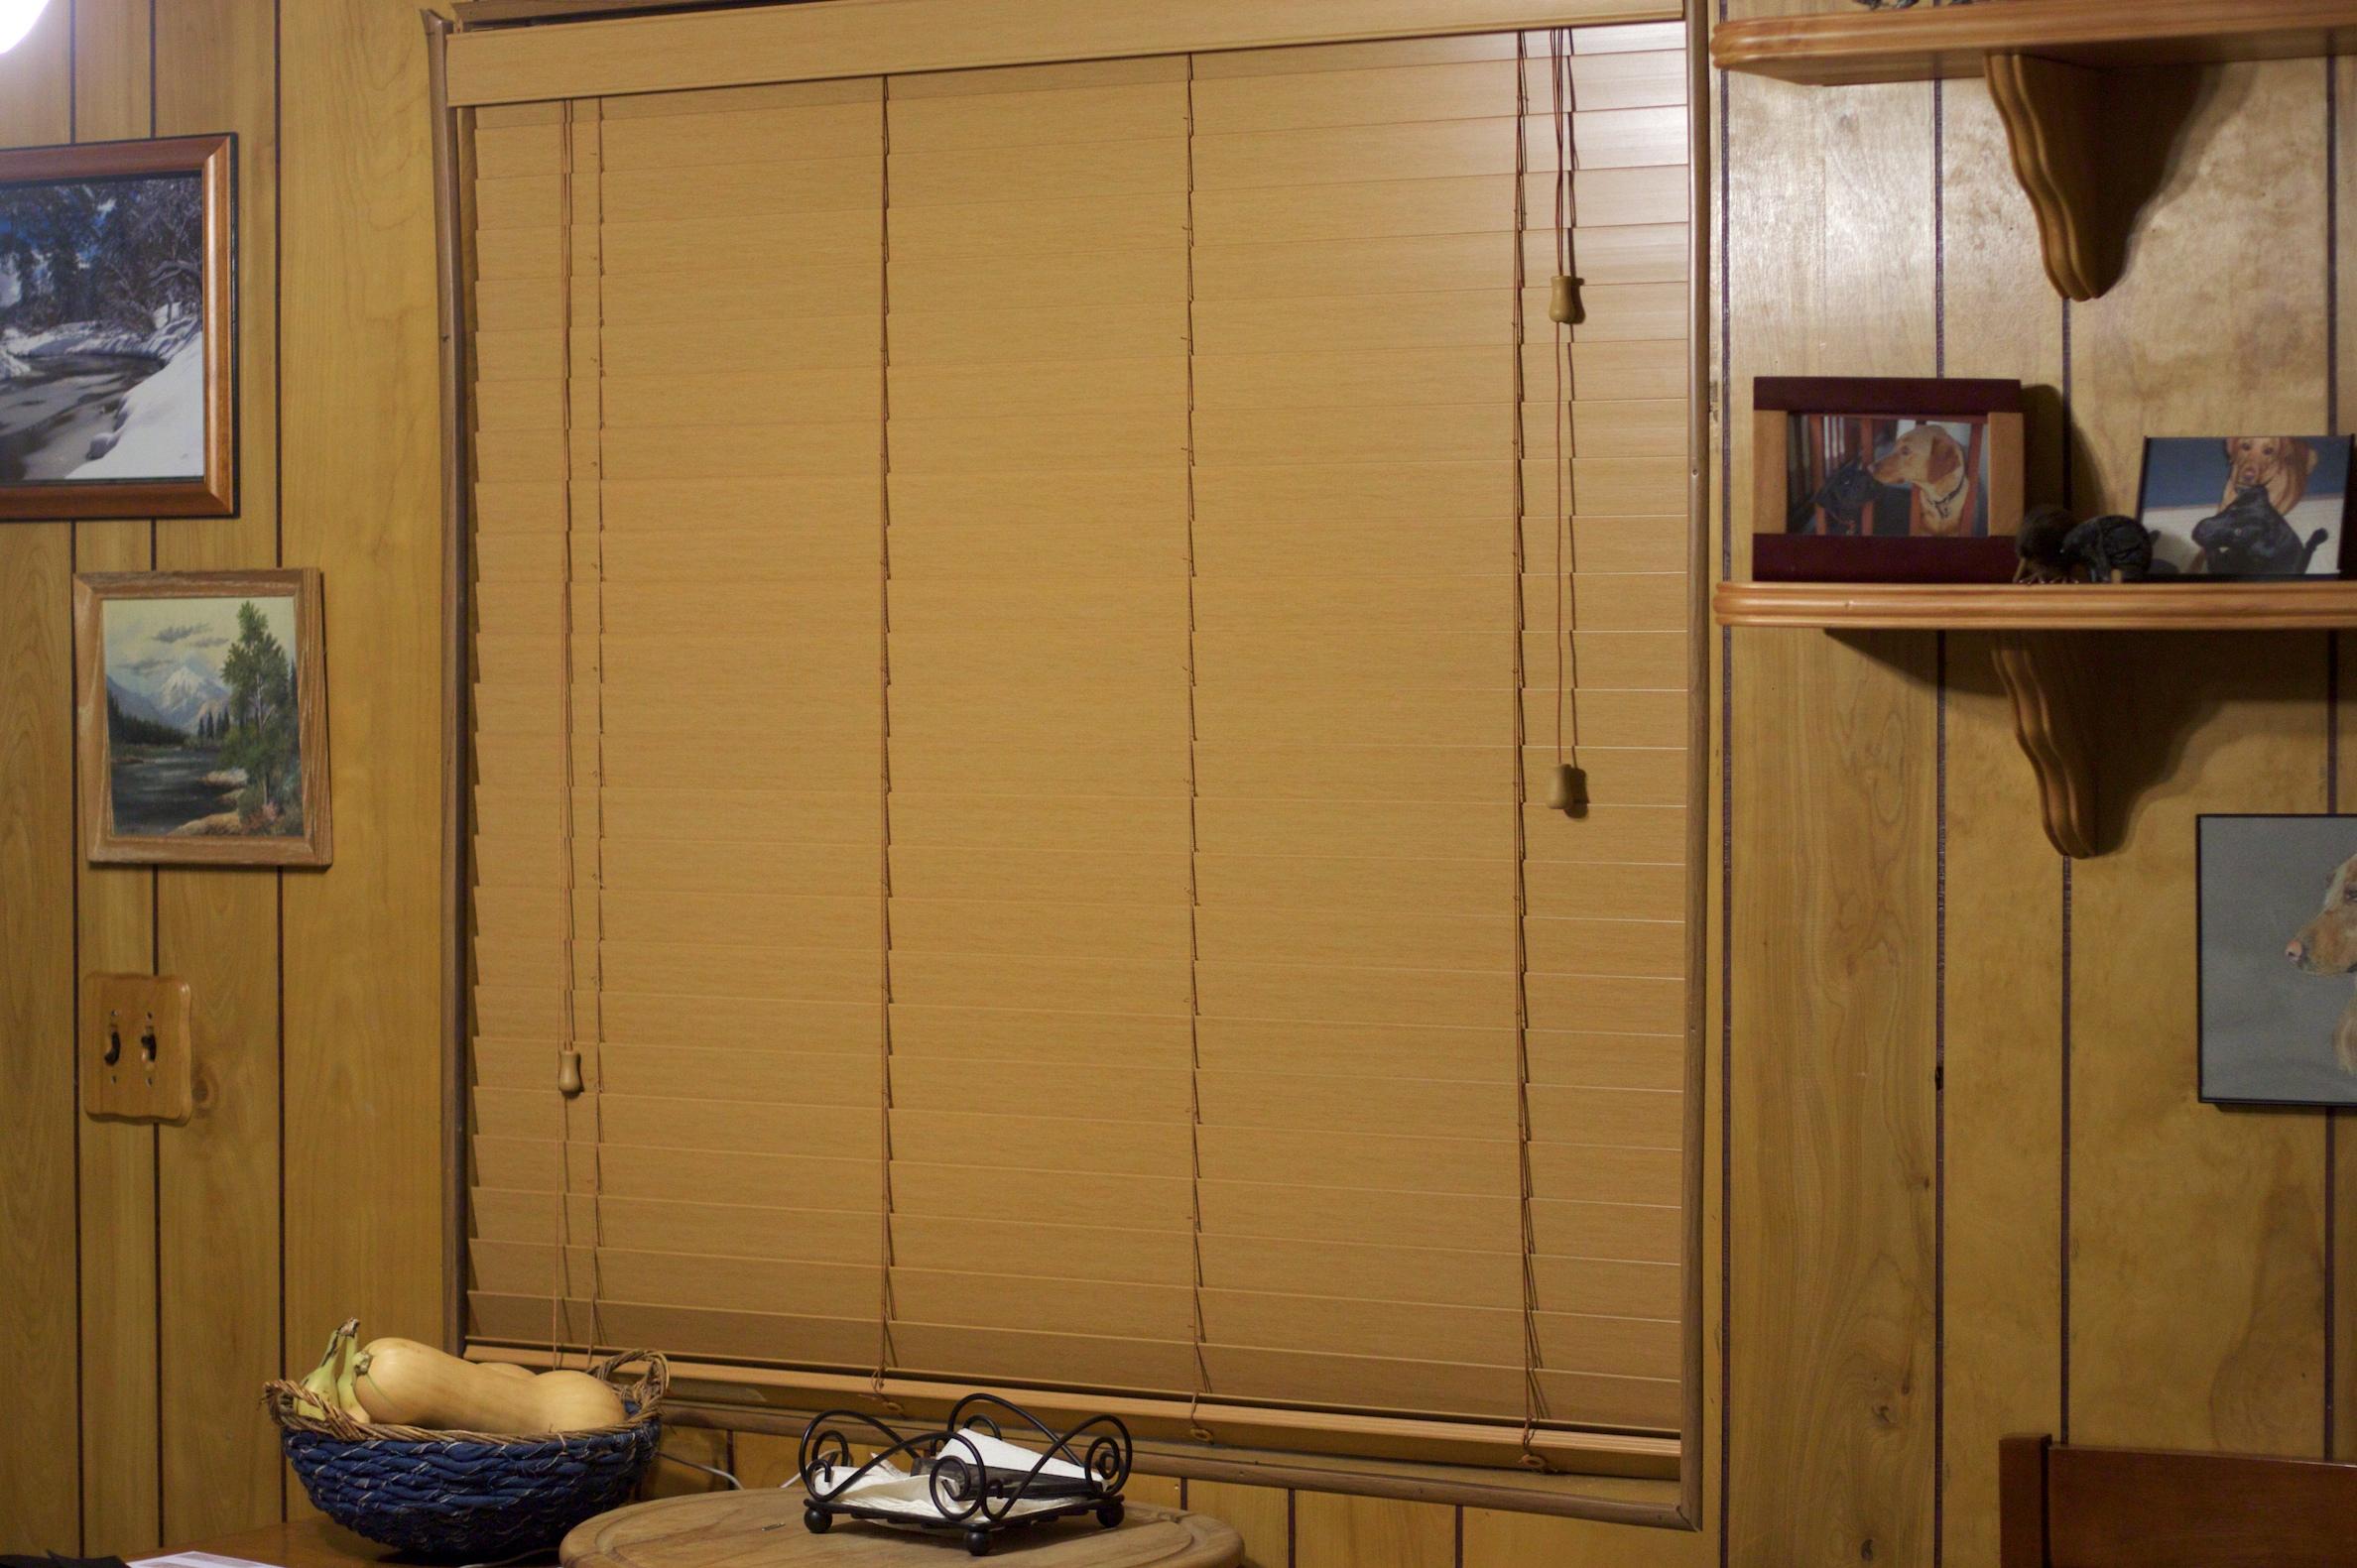 Fotos gratis : madera, piso, casa, pared, mueble, habitación, puerta ...